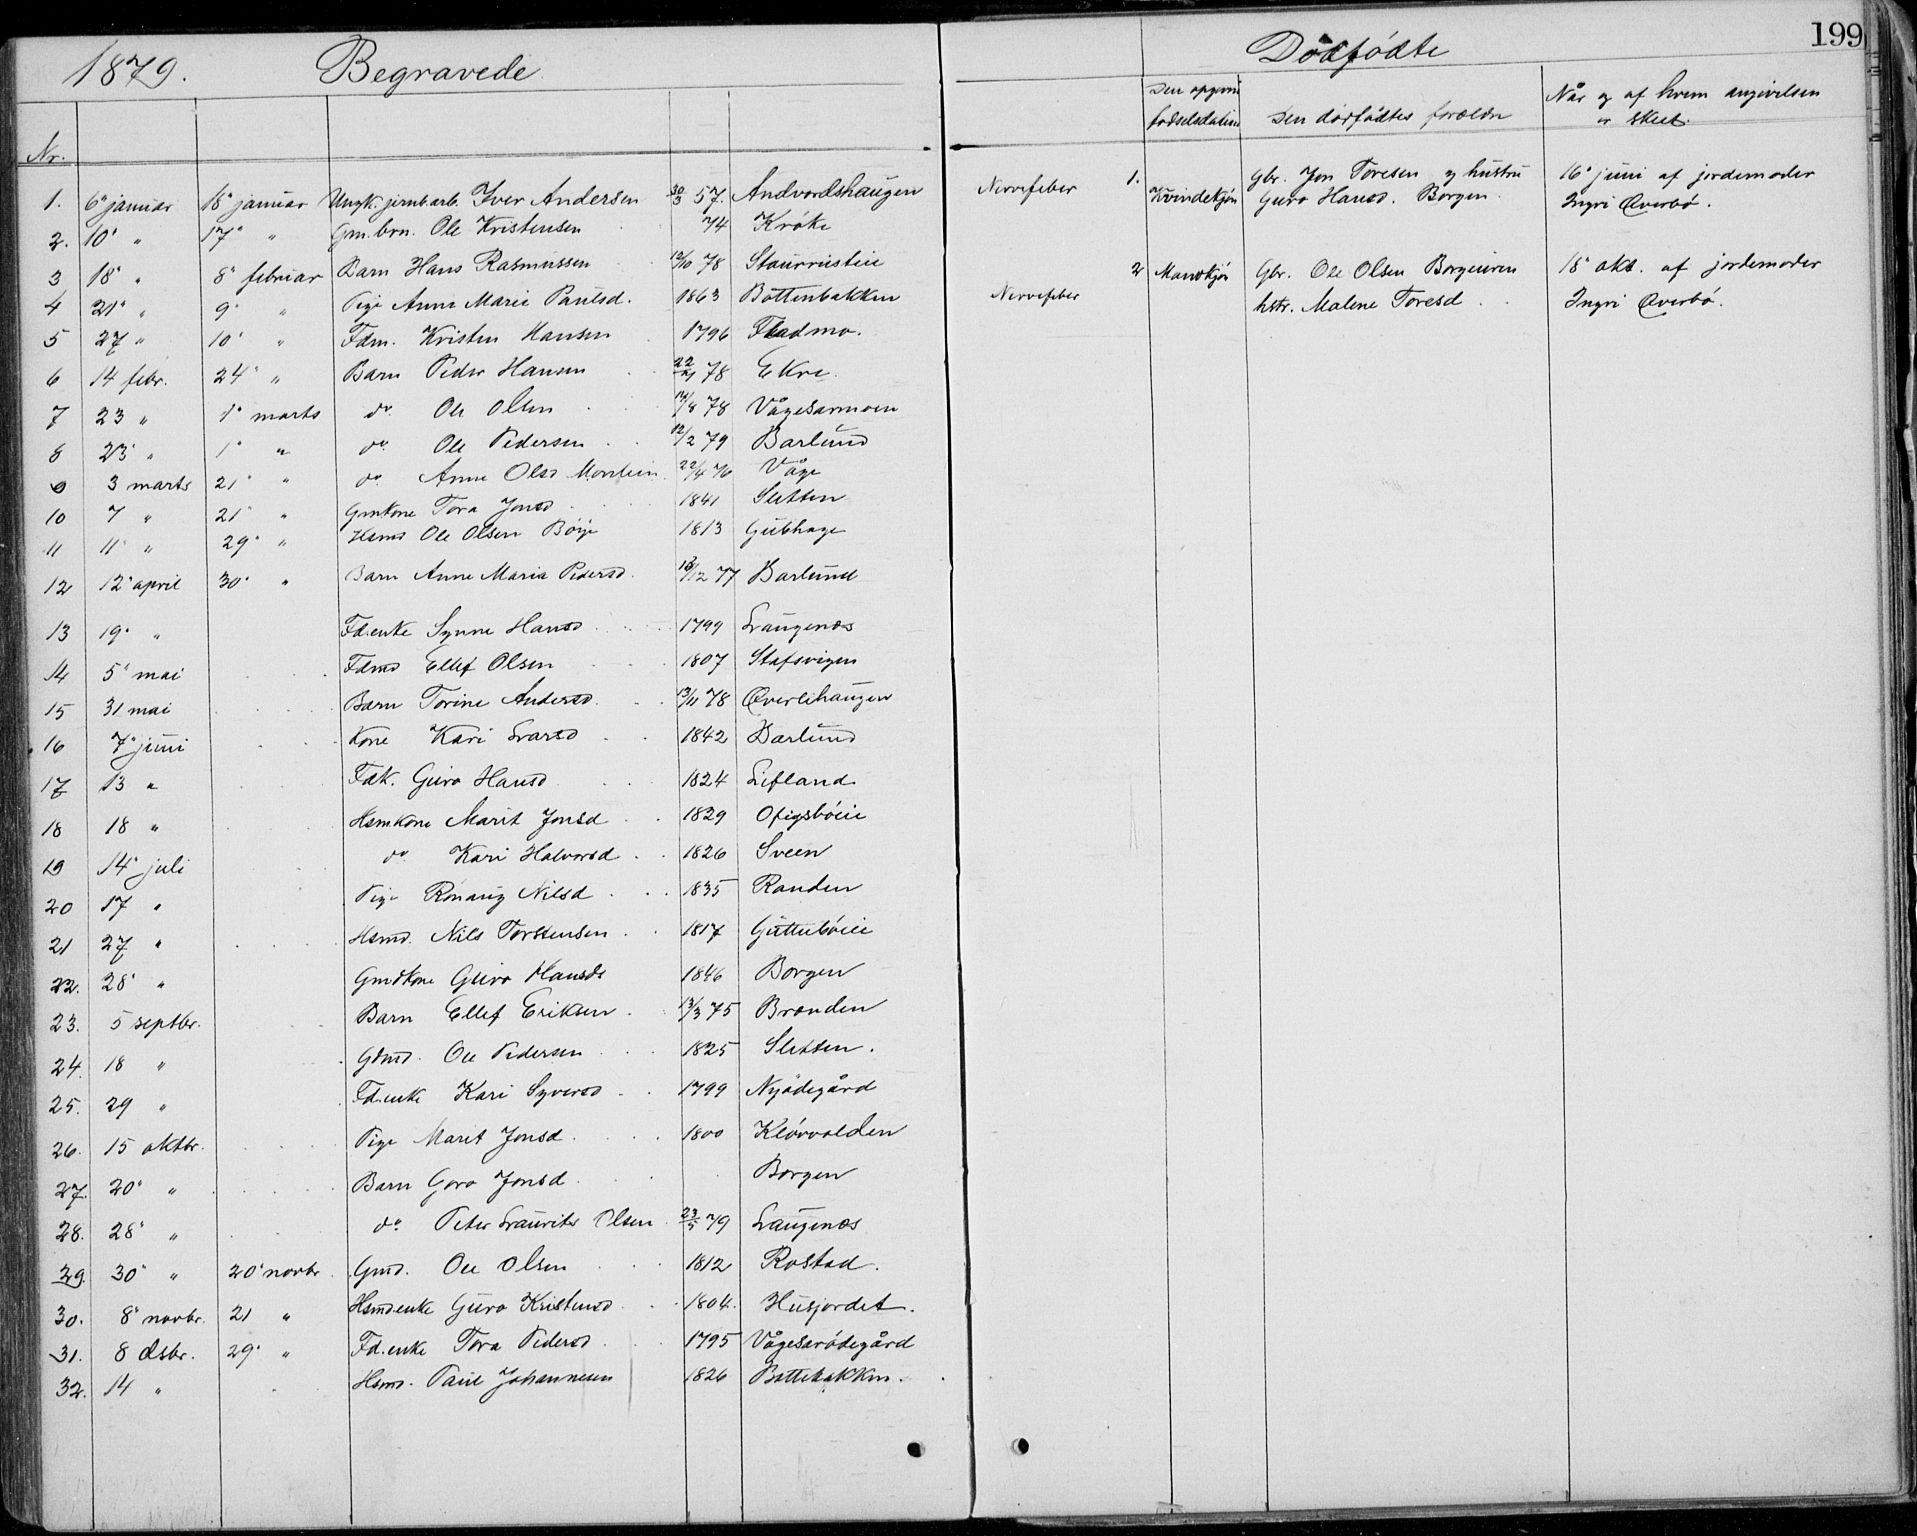 SAH, Lom prestekontor, L/L0013: Klokkerbok nr. 13, 1874-1938, s. 199